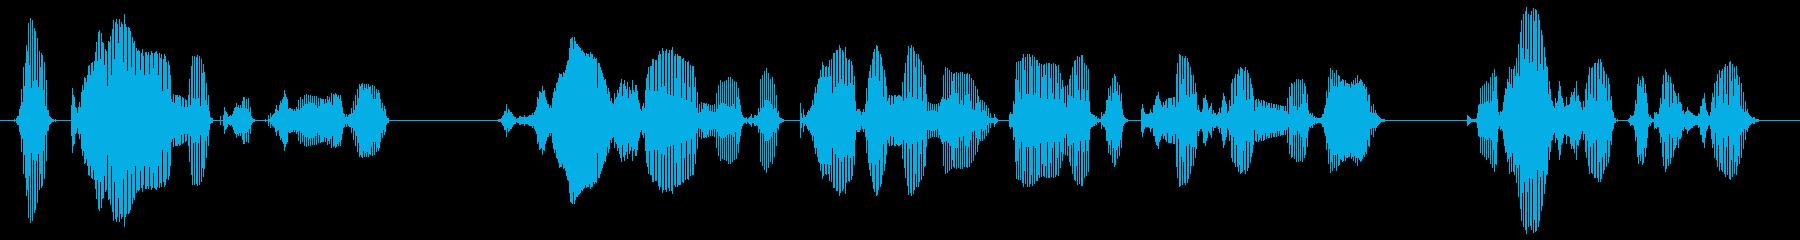 楽屋への立ち入り、出演者への楽屋での面…の再生済みの波形